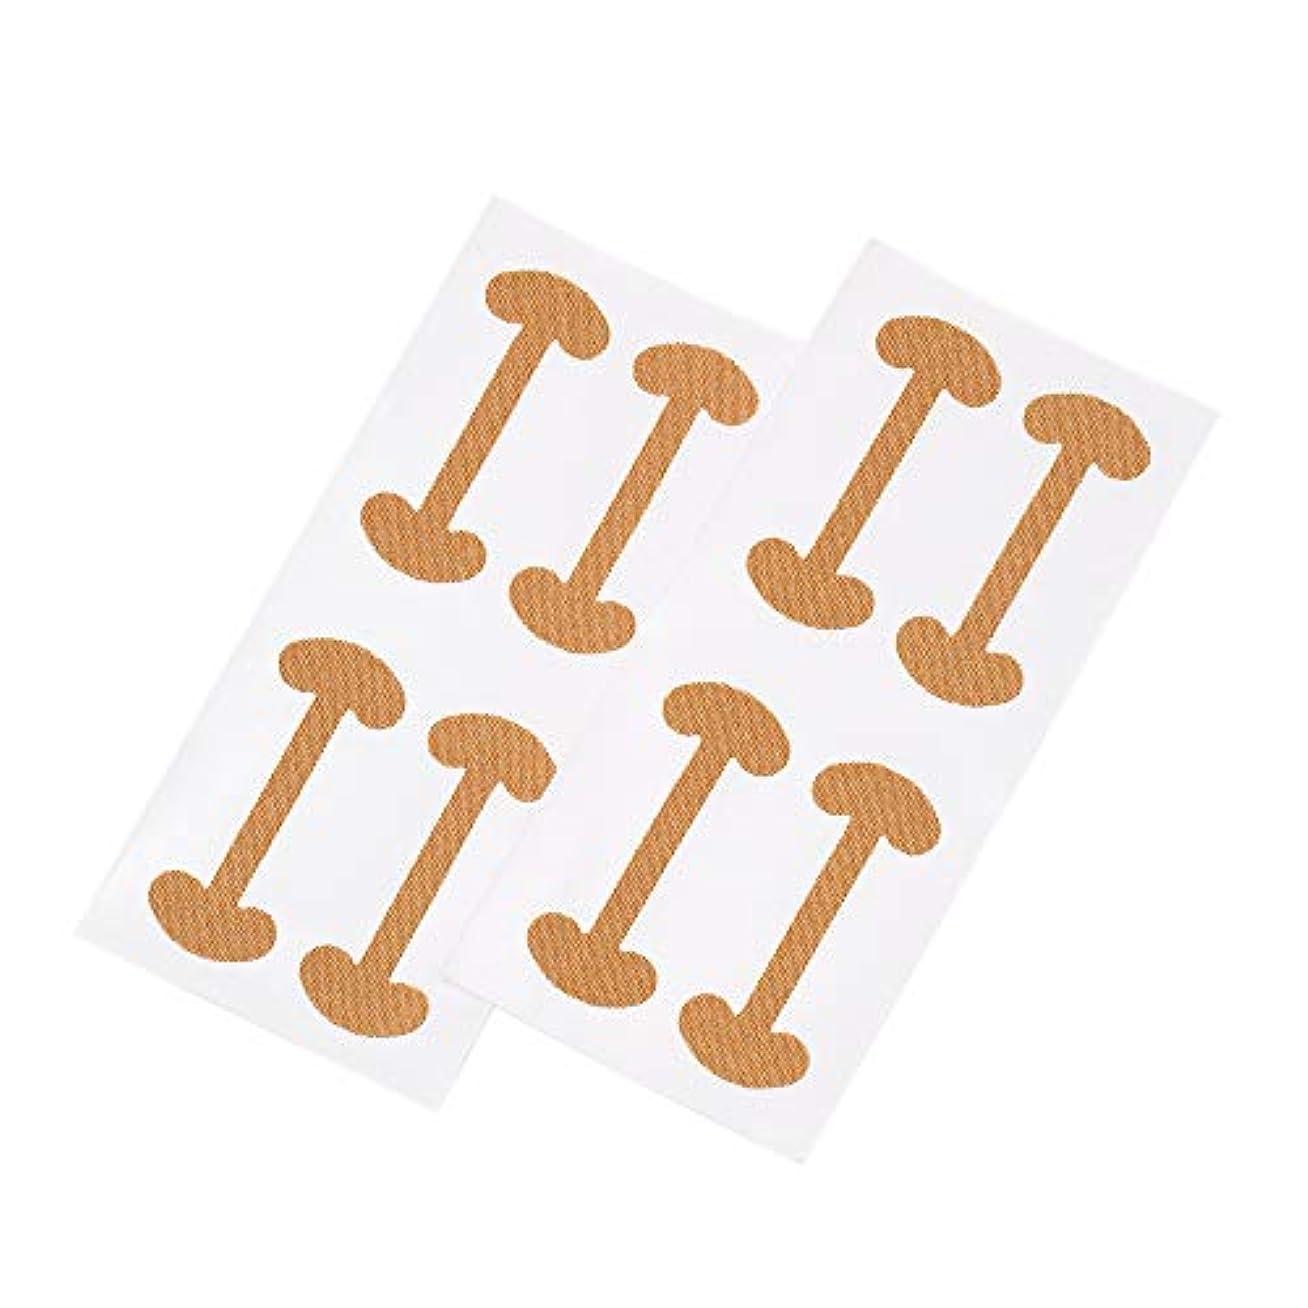 ささいな炭水化物電子レンジDecdeal 8ピース 巻き爪 ケアテープ まきずめ 矯正 巻きヅメ 矯正 爪の治療 爪の矯正パッチ 爪リフタ